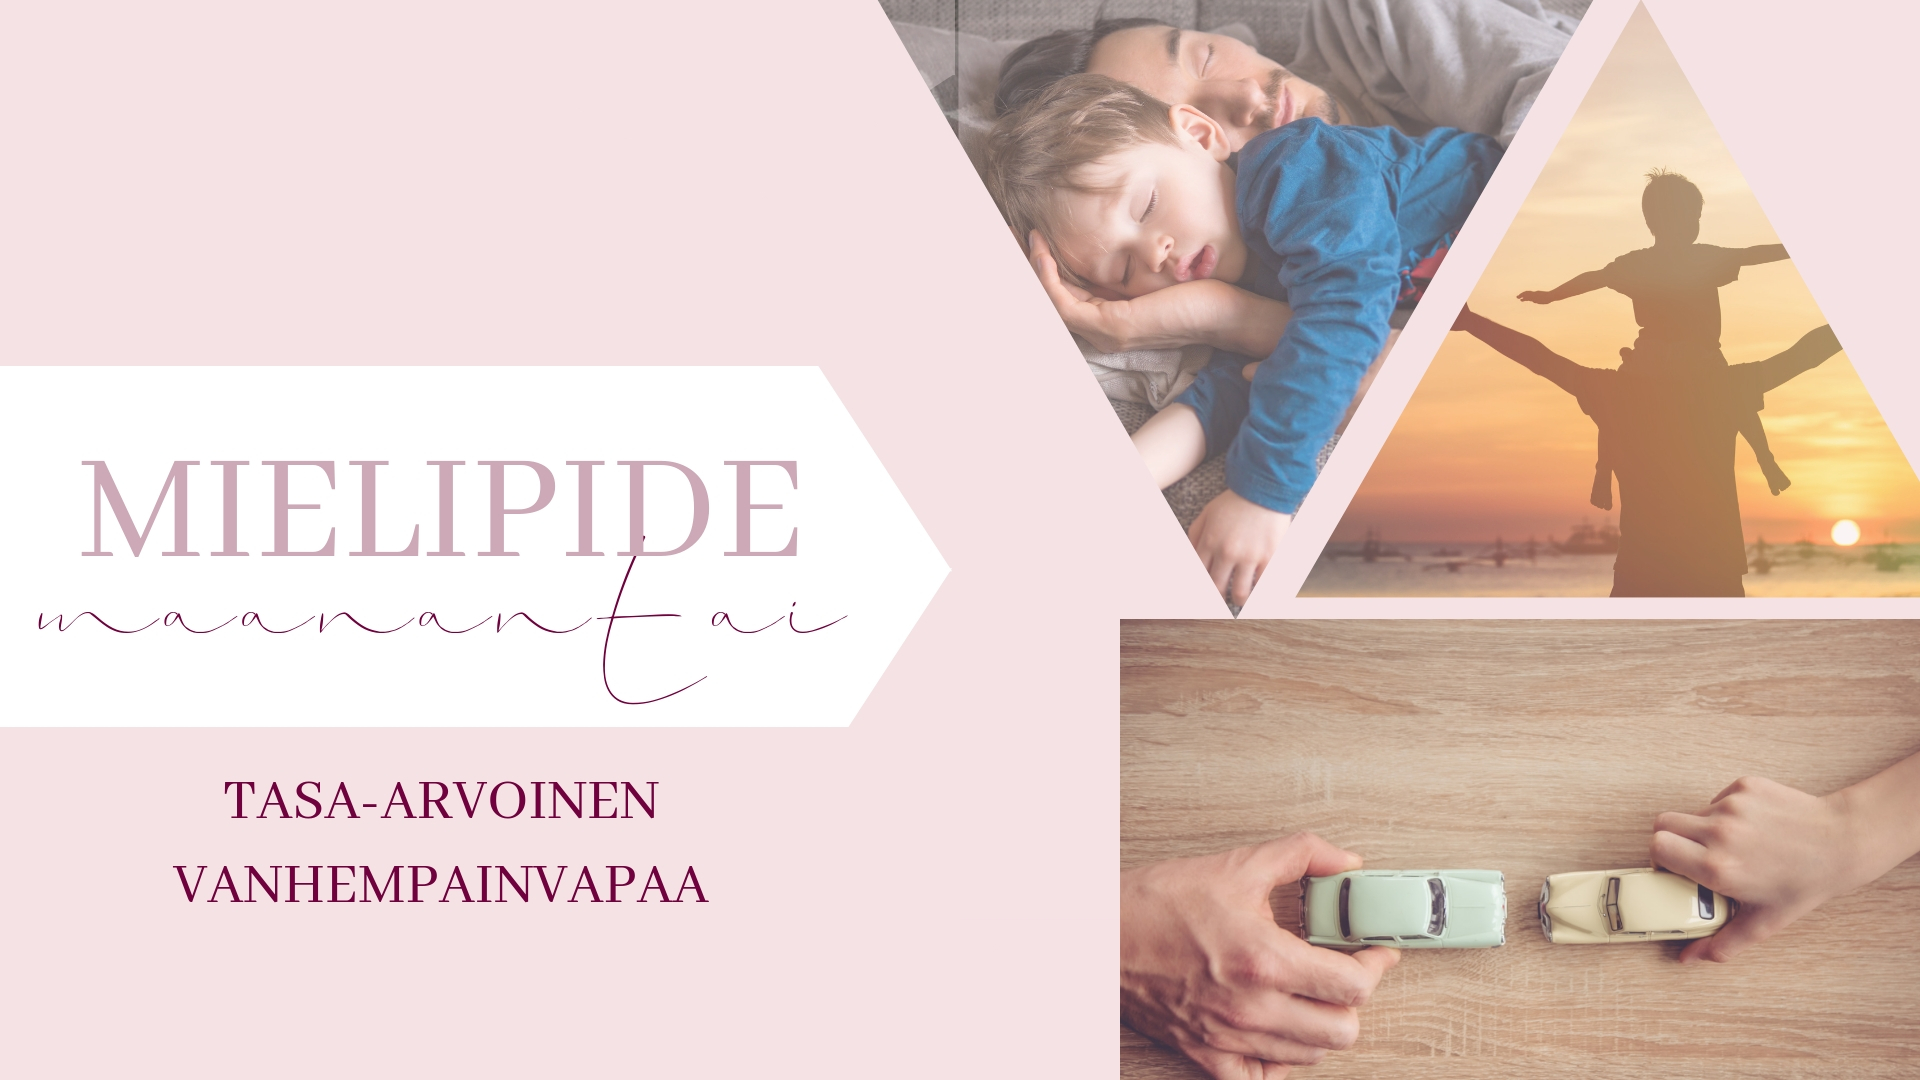 Mielipidemaanantai – Tasa-arvoinen vanhempainvapaa